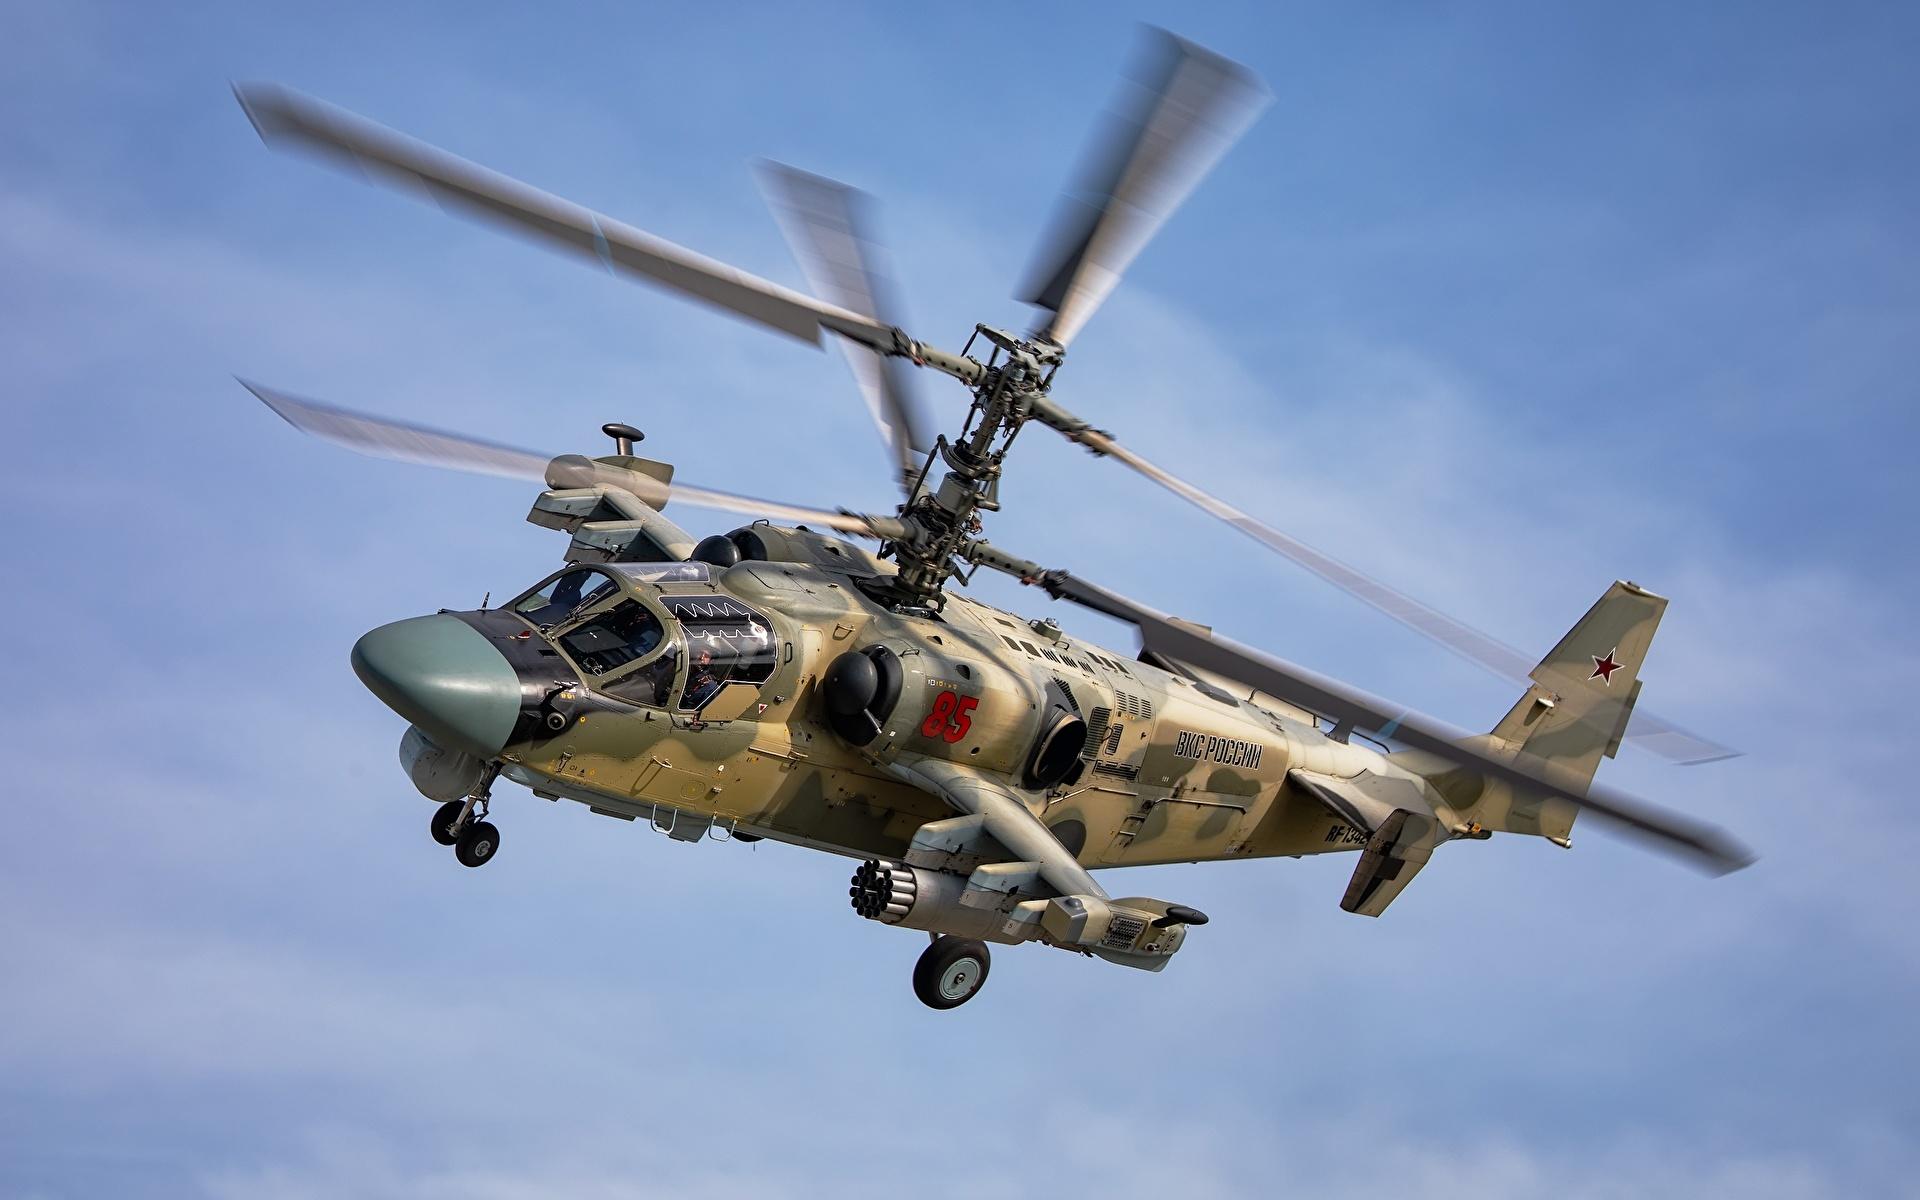 Fotos von Hubschrauber Russische Ka-52 Alligator Flug Luftfahrt 1920x1200